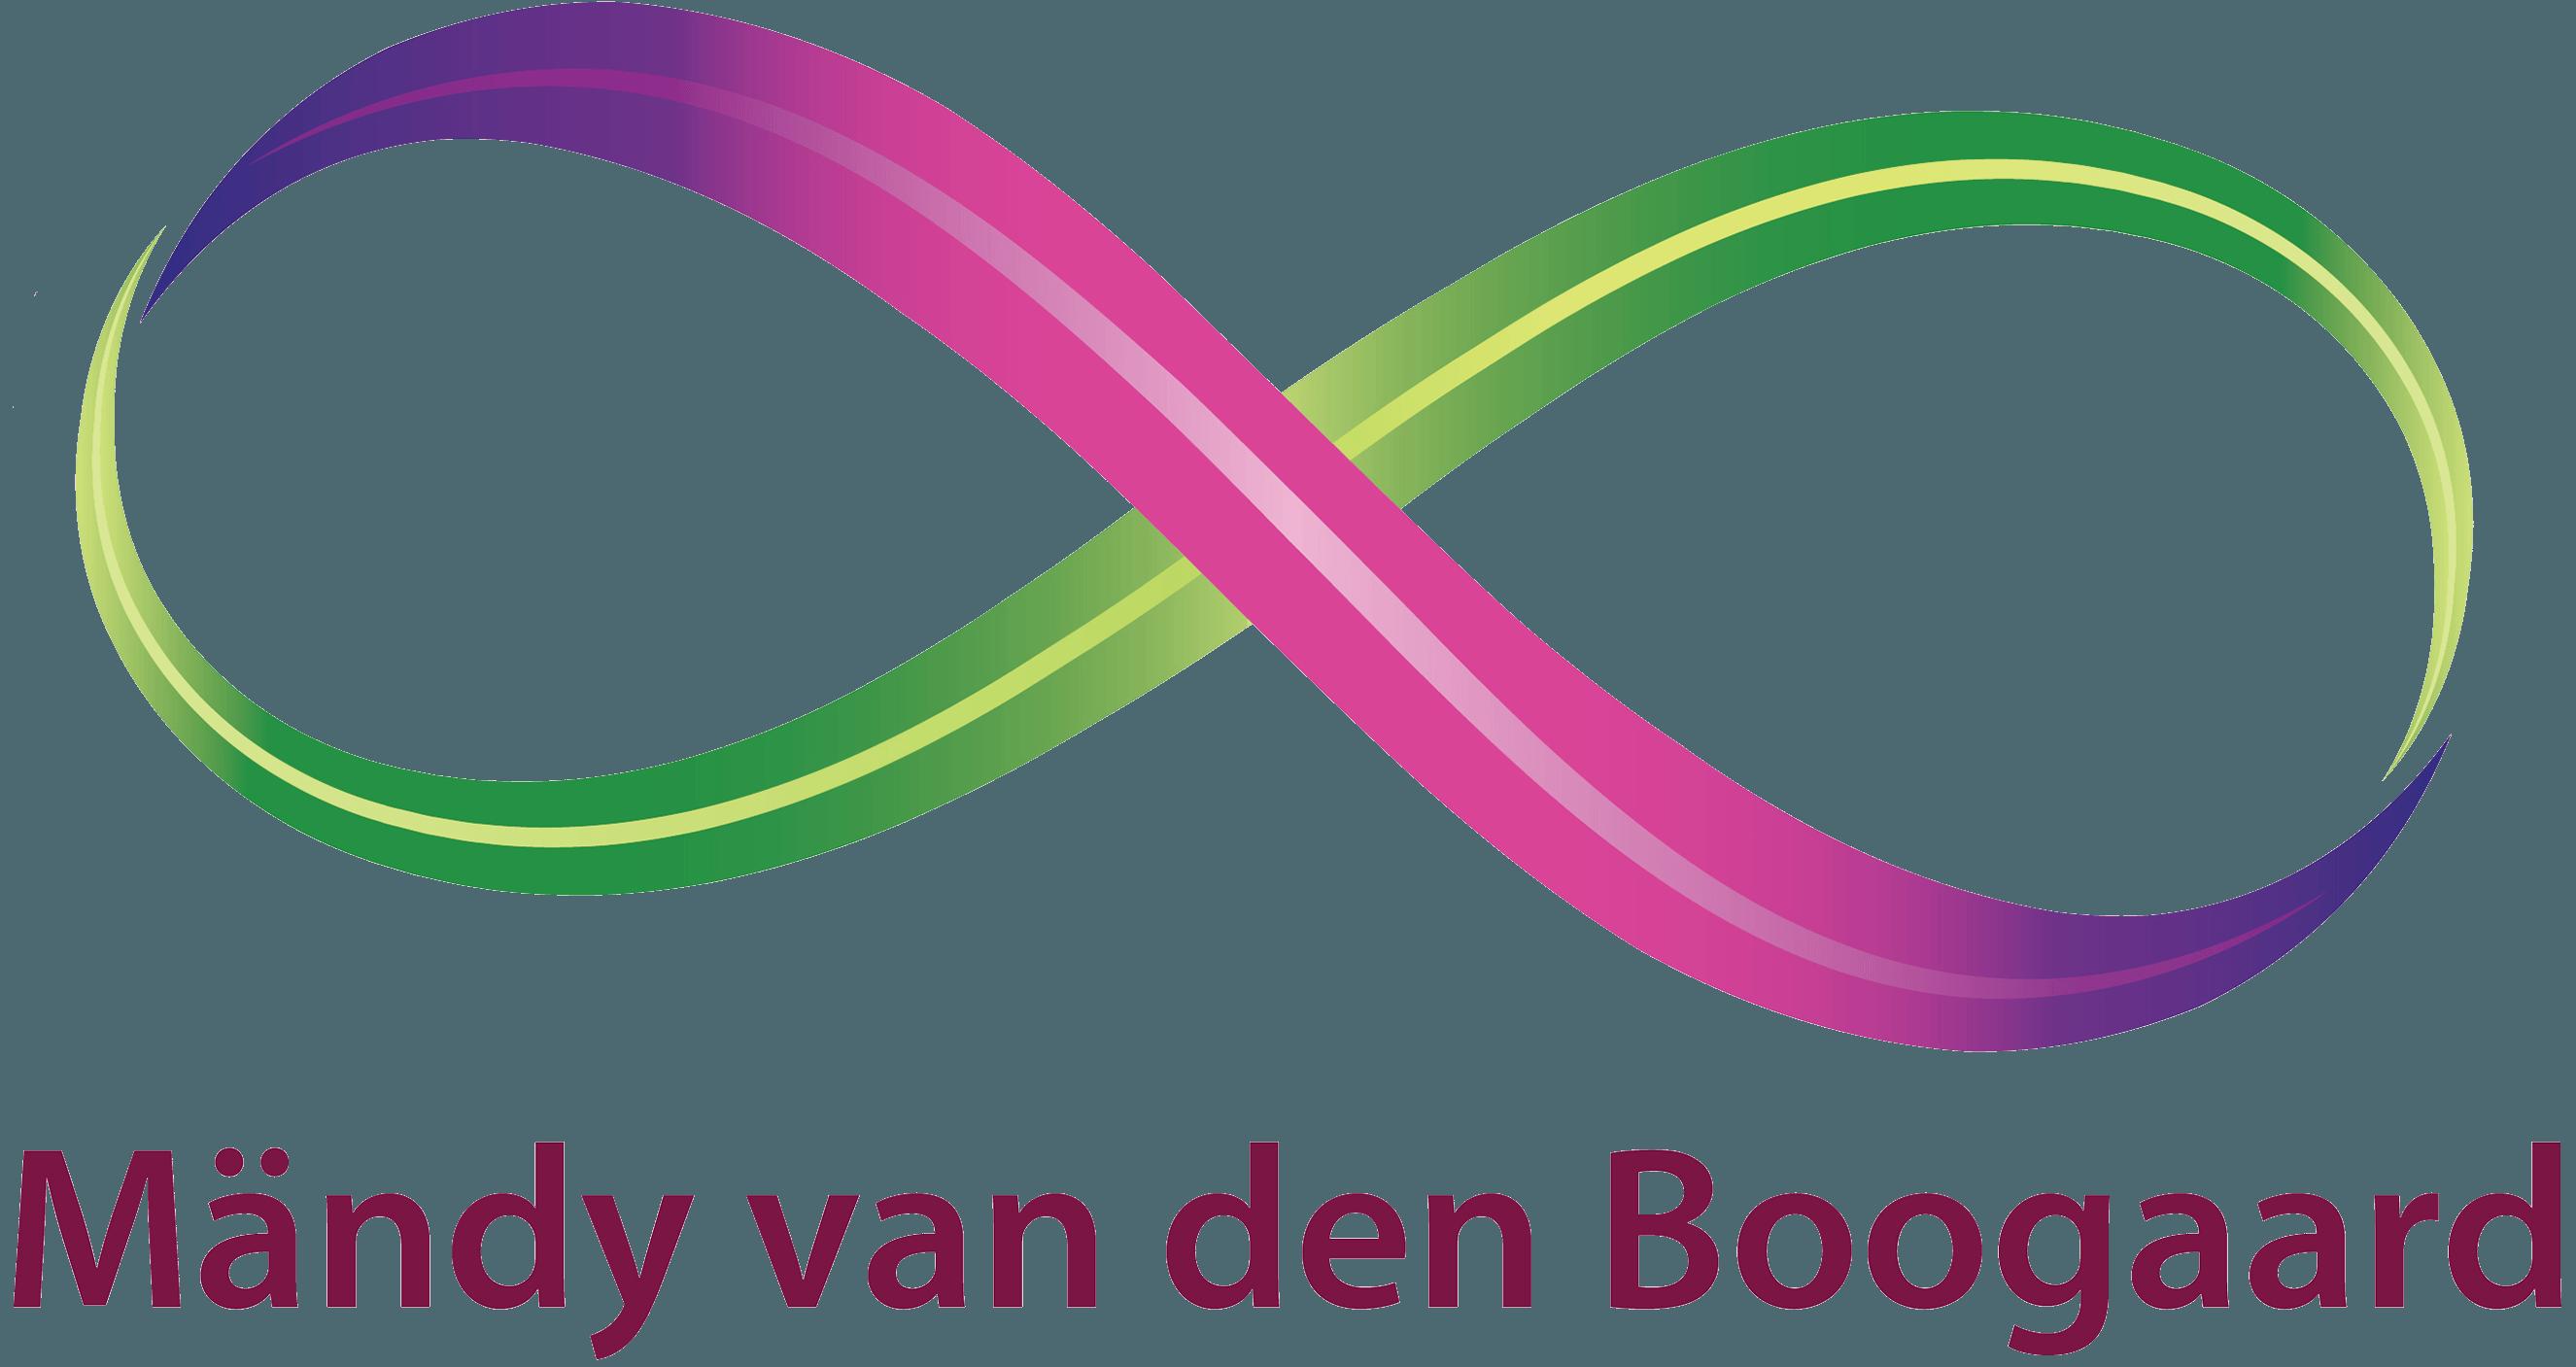 Mandy van den Boogaard